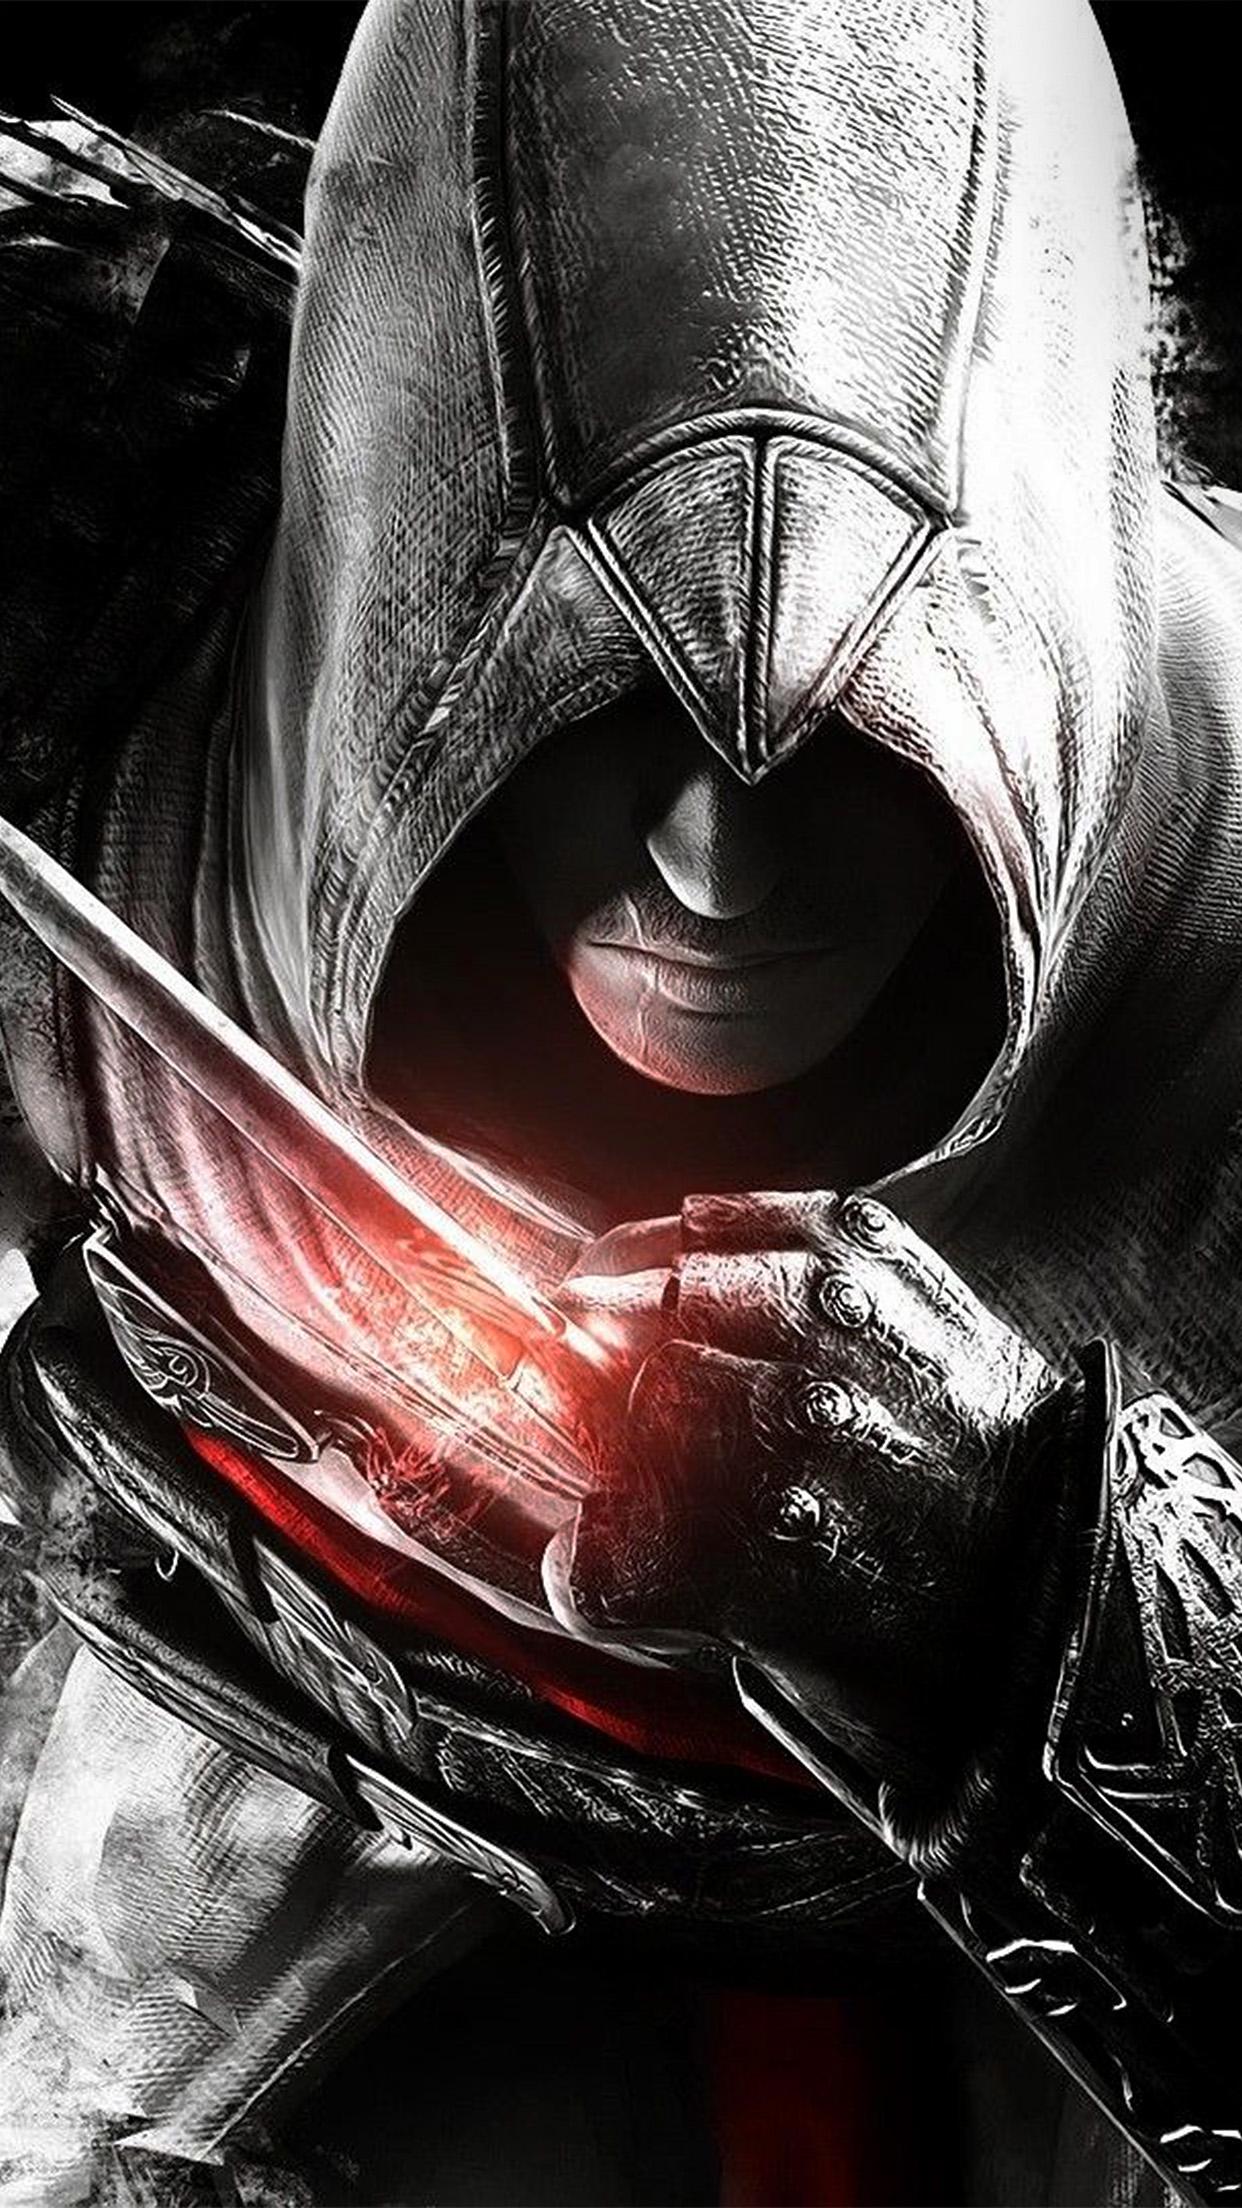 Av03 Assassins Creed Dark Game Hero Illustration Art Wallpaper